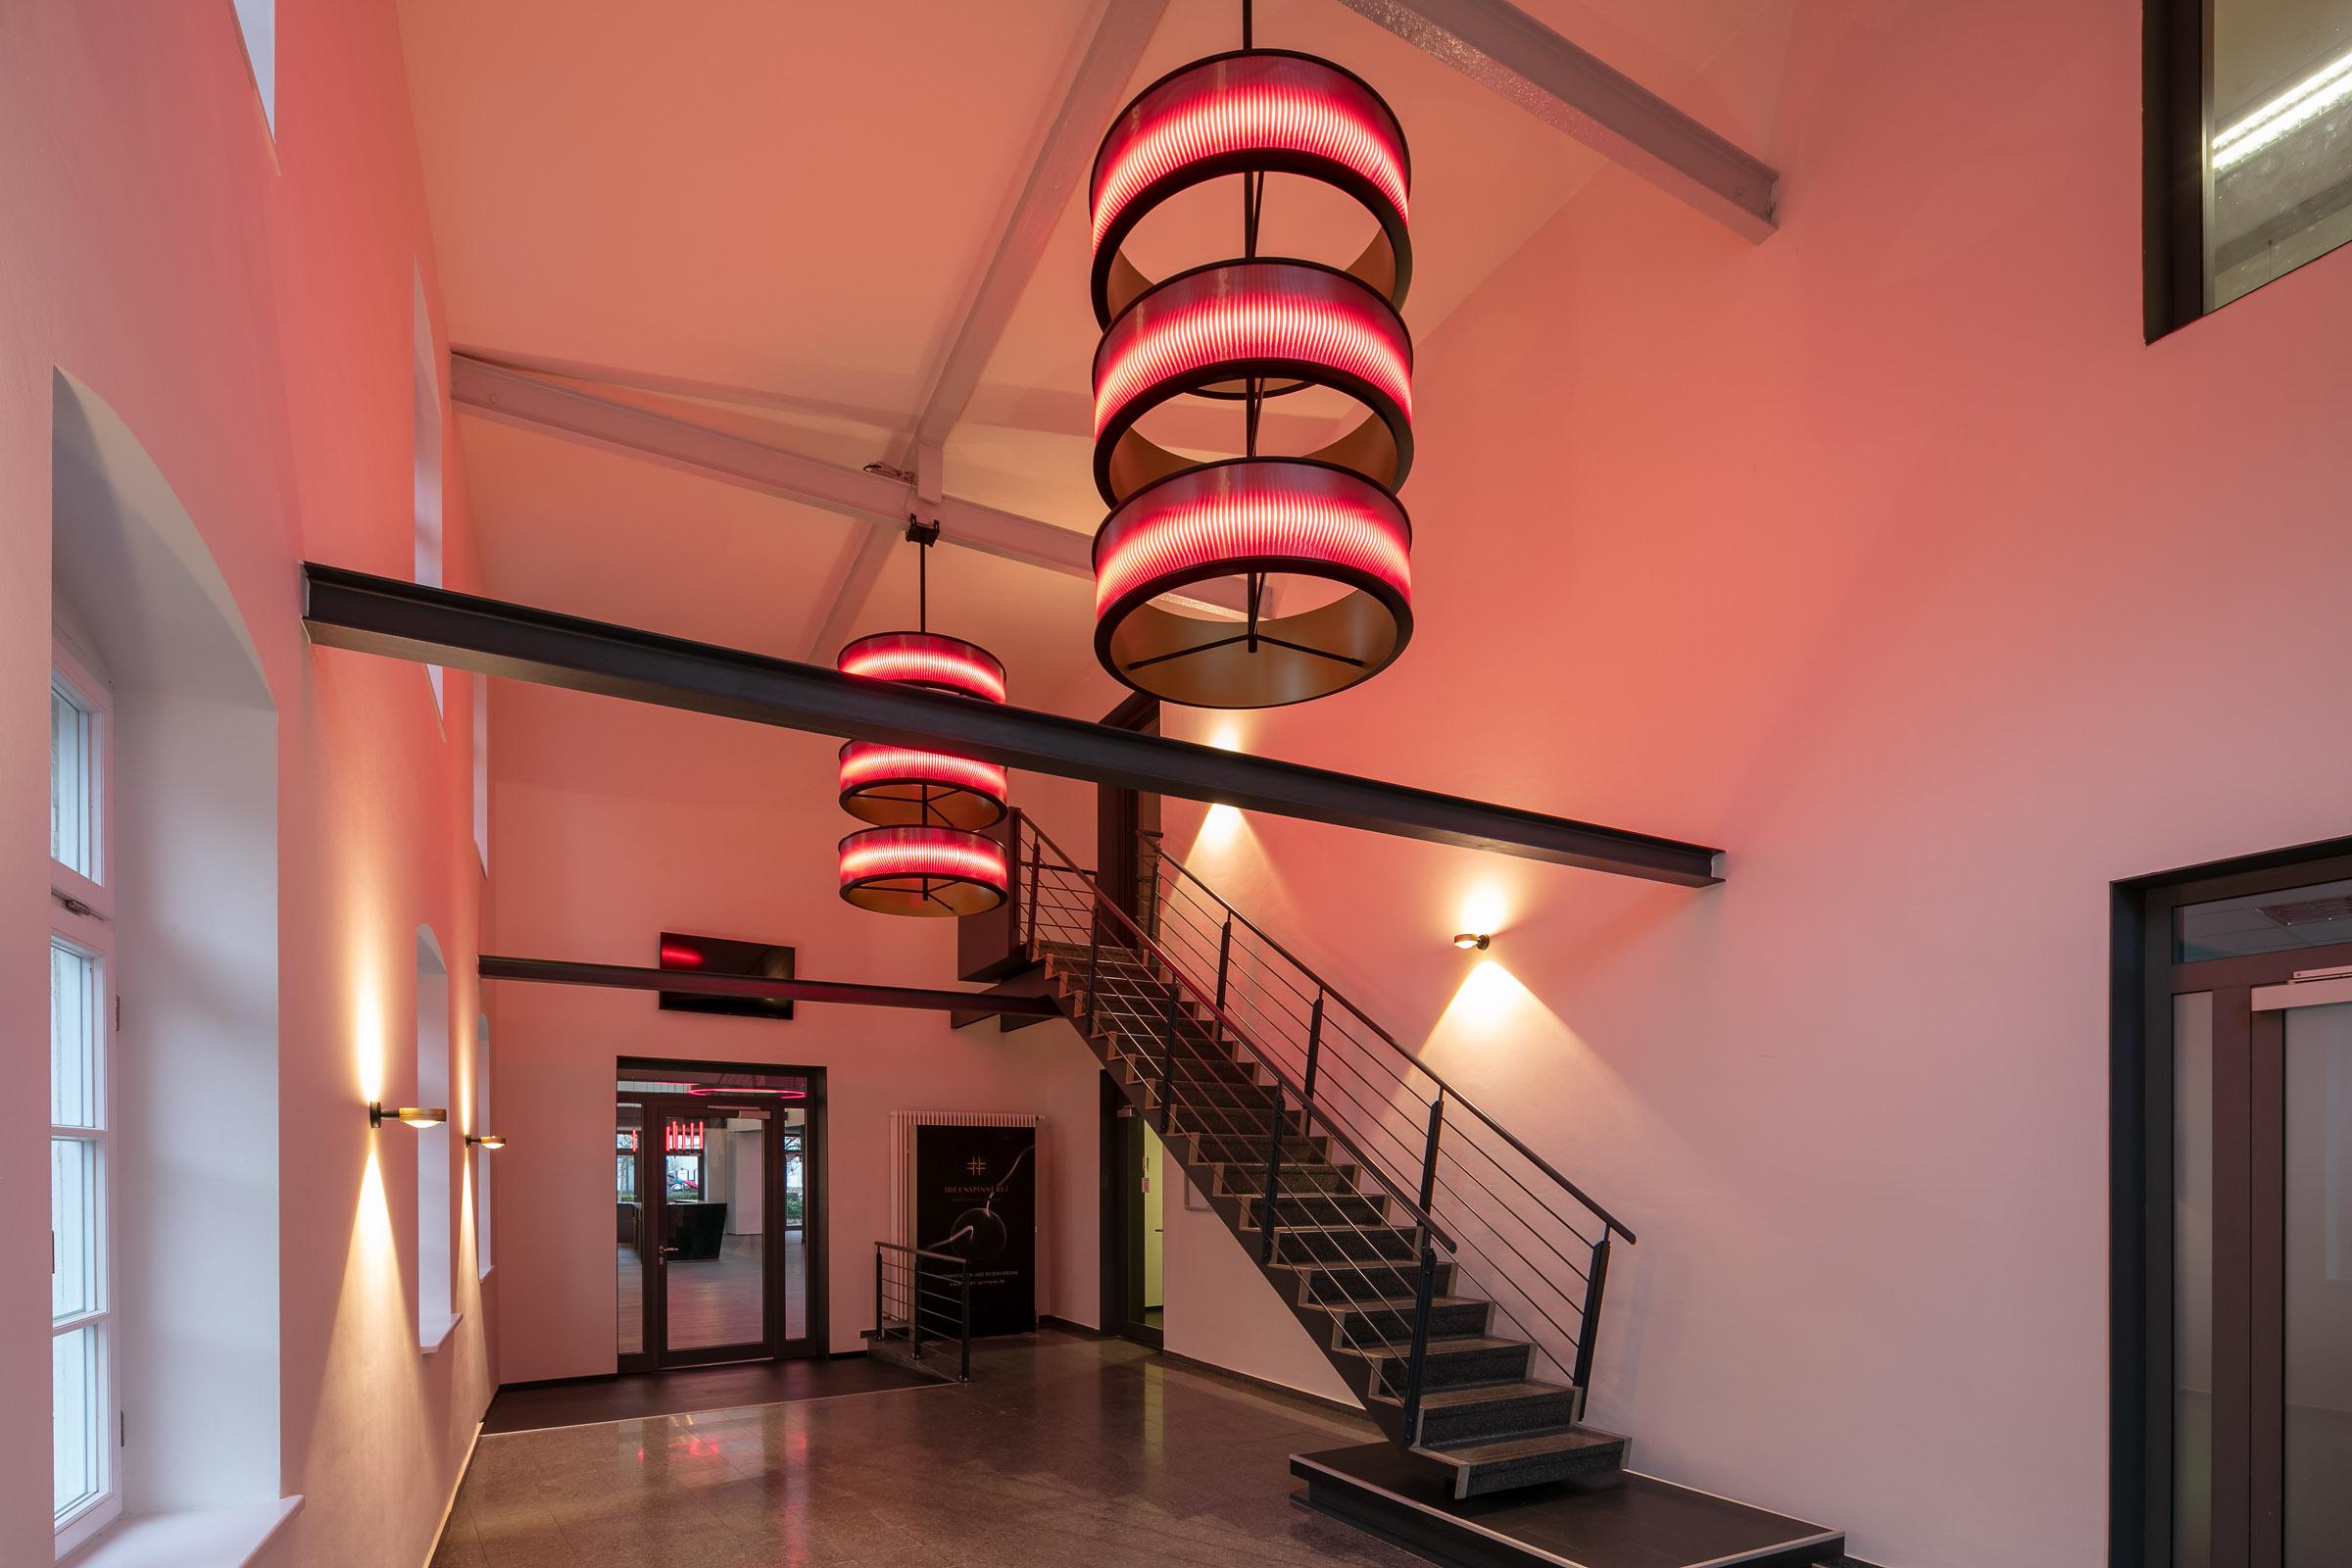 Rote LEDs in Ringleuchten die im Eingangsbereich hängen